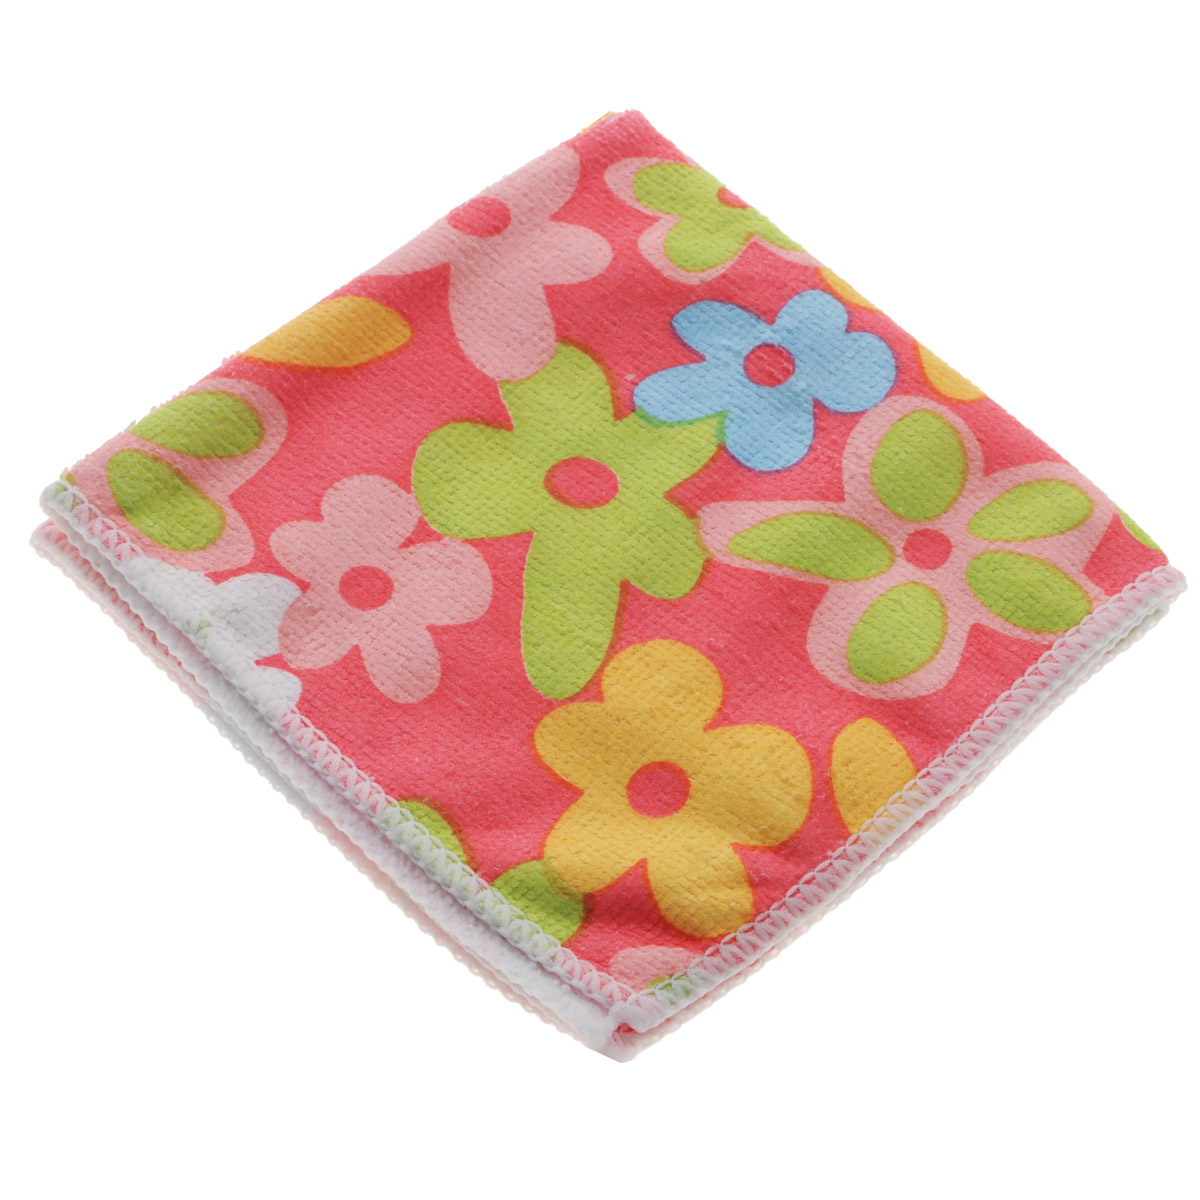 Салфетка для уборки Youll Love Цветы, цвет: розовый, 30 см х 30 смES-414Салфетка Youll Love Цветы, изготовленная из 20% полиамида и 80% полиэфира, предназначена для очищения загрязнений на любых поверхностях. Изделие обладает высокой износоустойчивостью и рассчитано на многократное использование, легко моется в теплой воде с мягкими чистящими средствами. Супервпитывающая салфетка не оставляет разводов и ворсинок, удаляет большинство жирных и маслянистых загрязнений без использования химических средств.Размер: 30 см х 30 см.